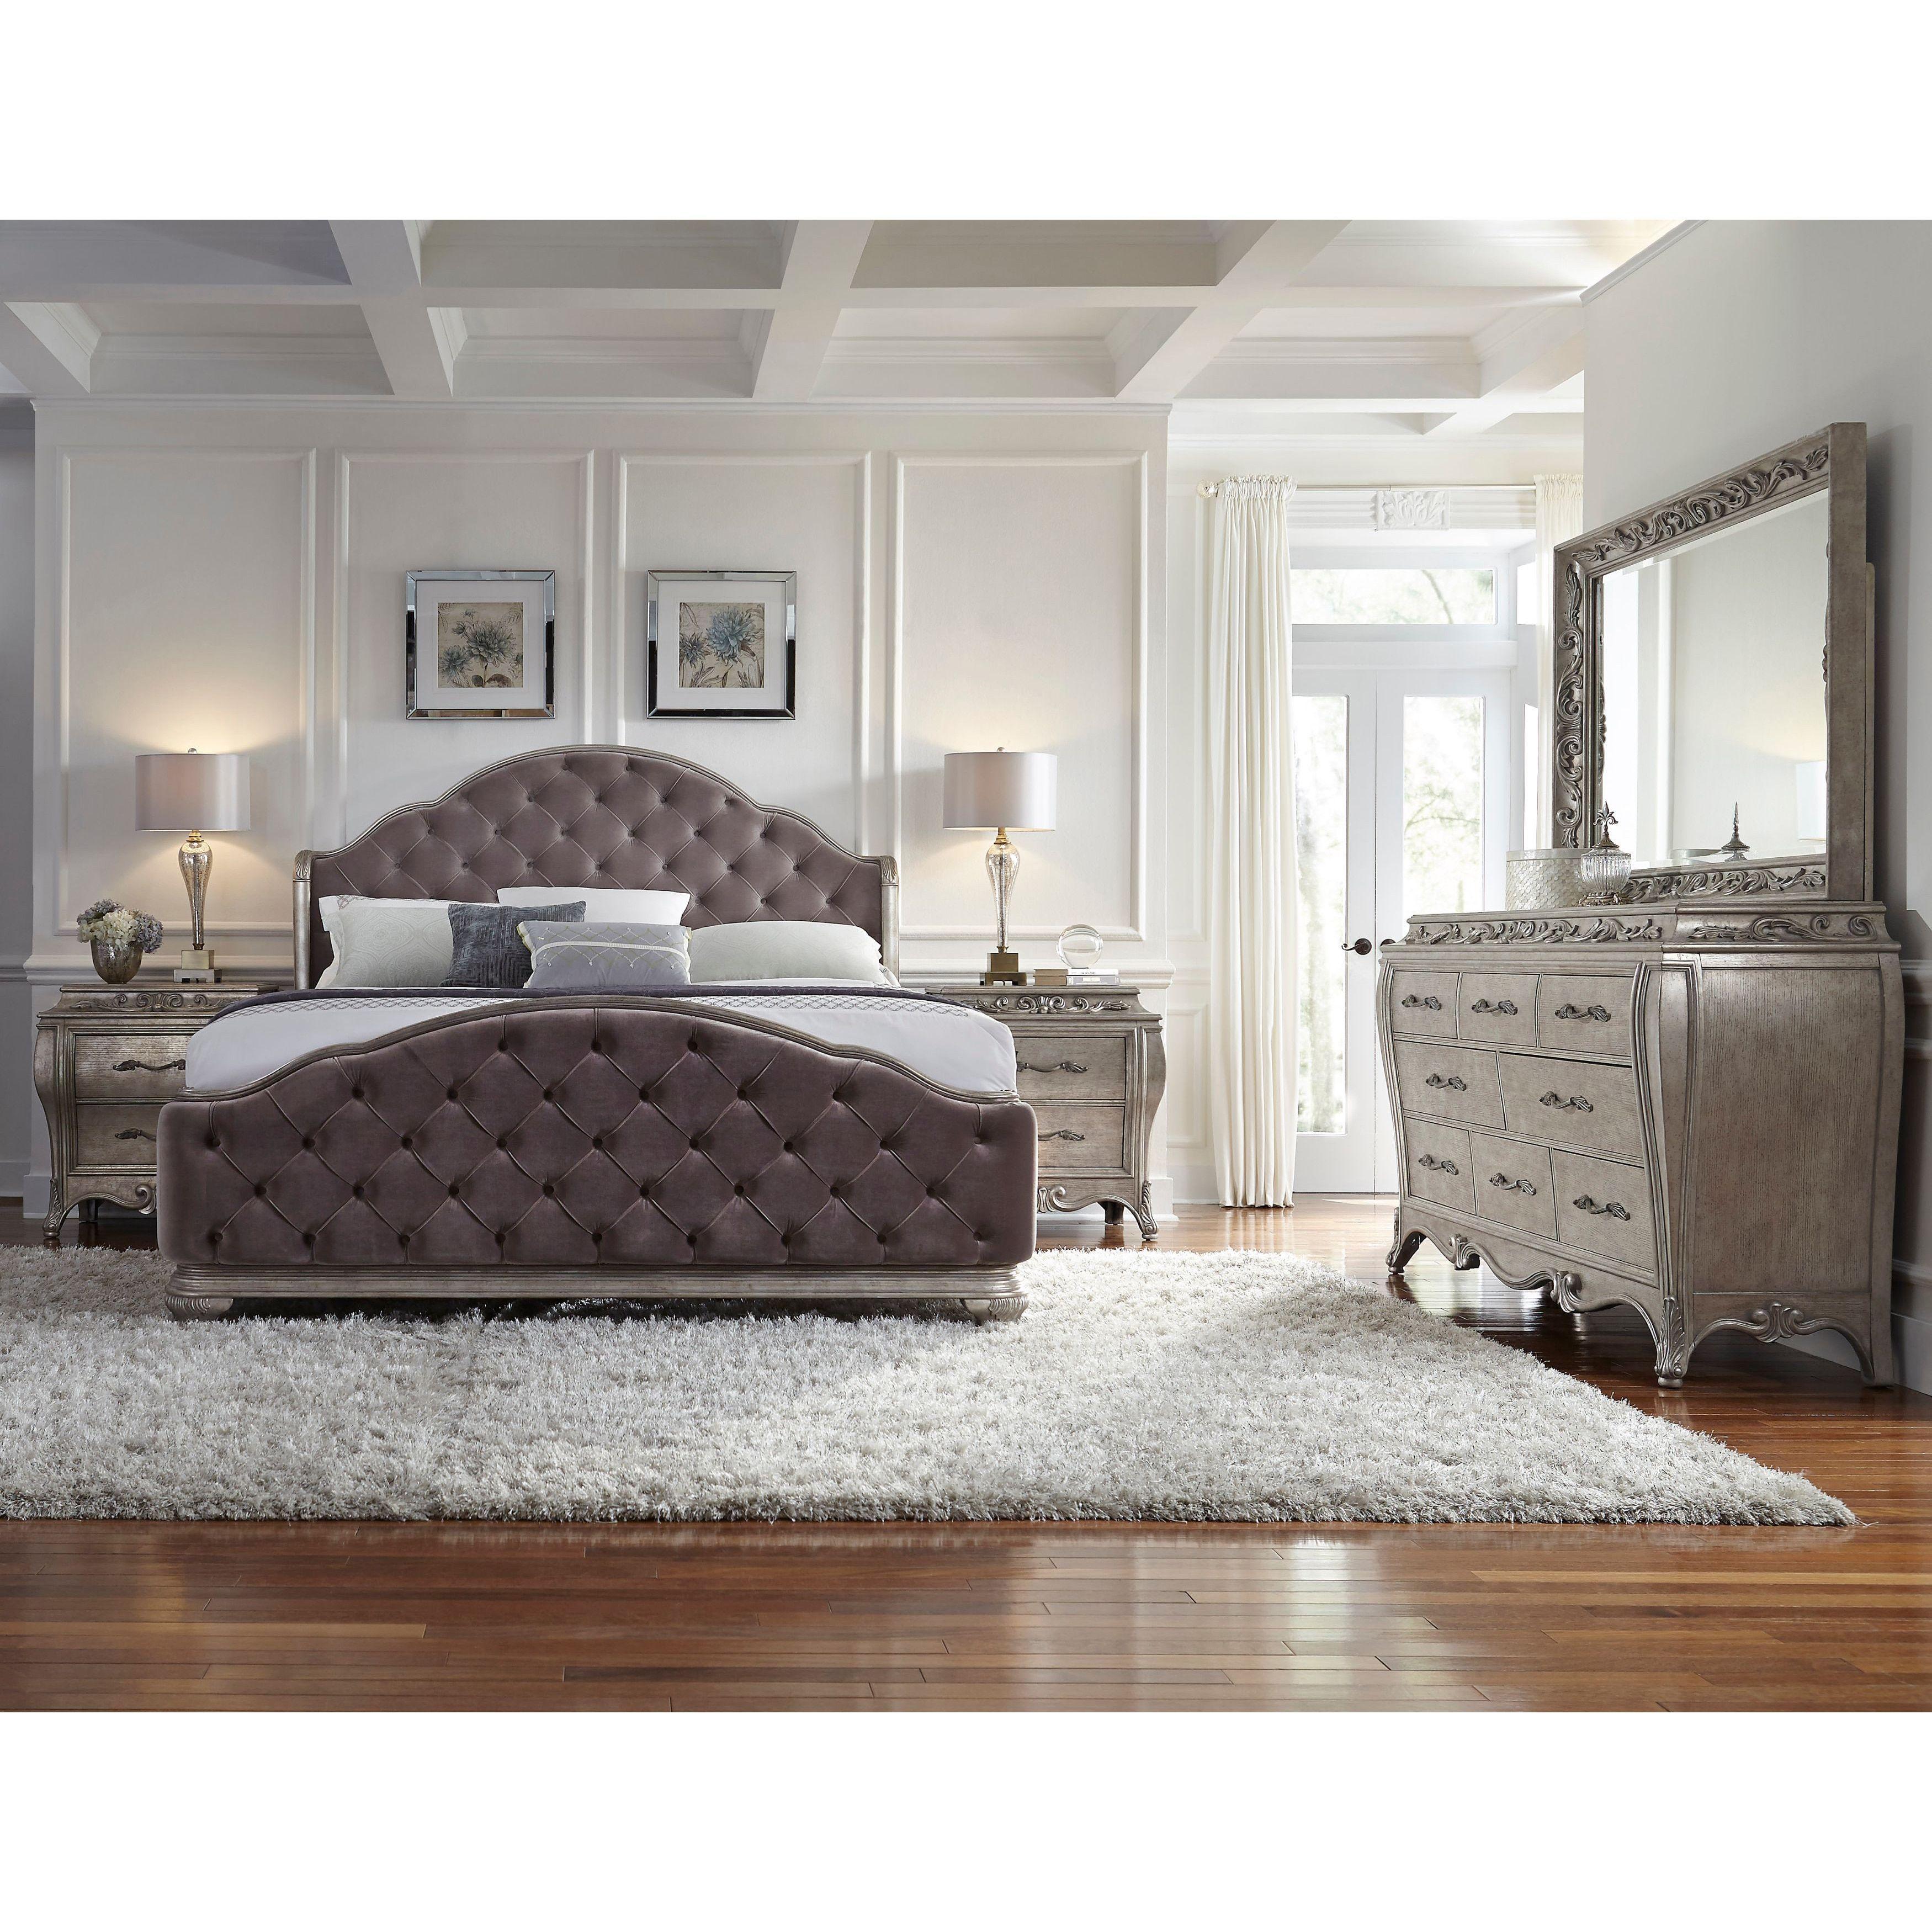 Anastasia 6 Piece King Size Bedroom Set King Size Bedroom Sets